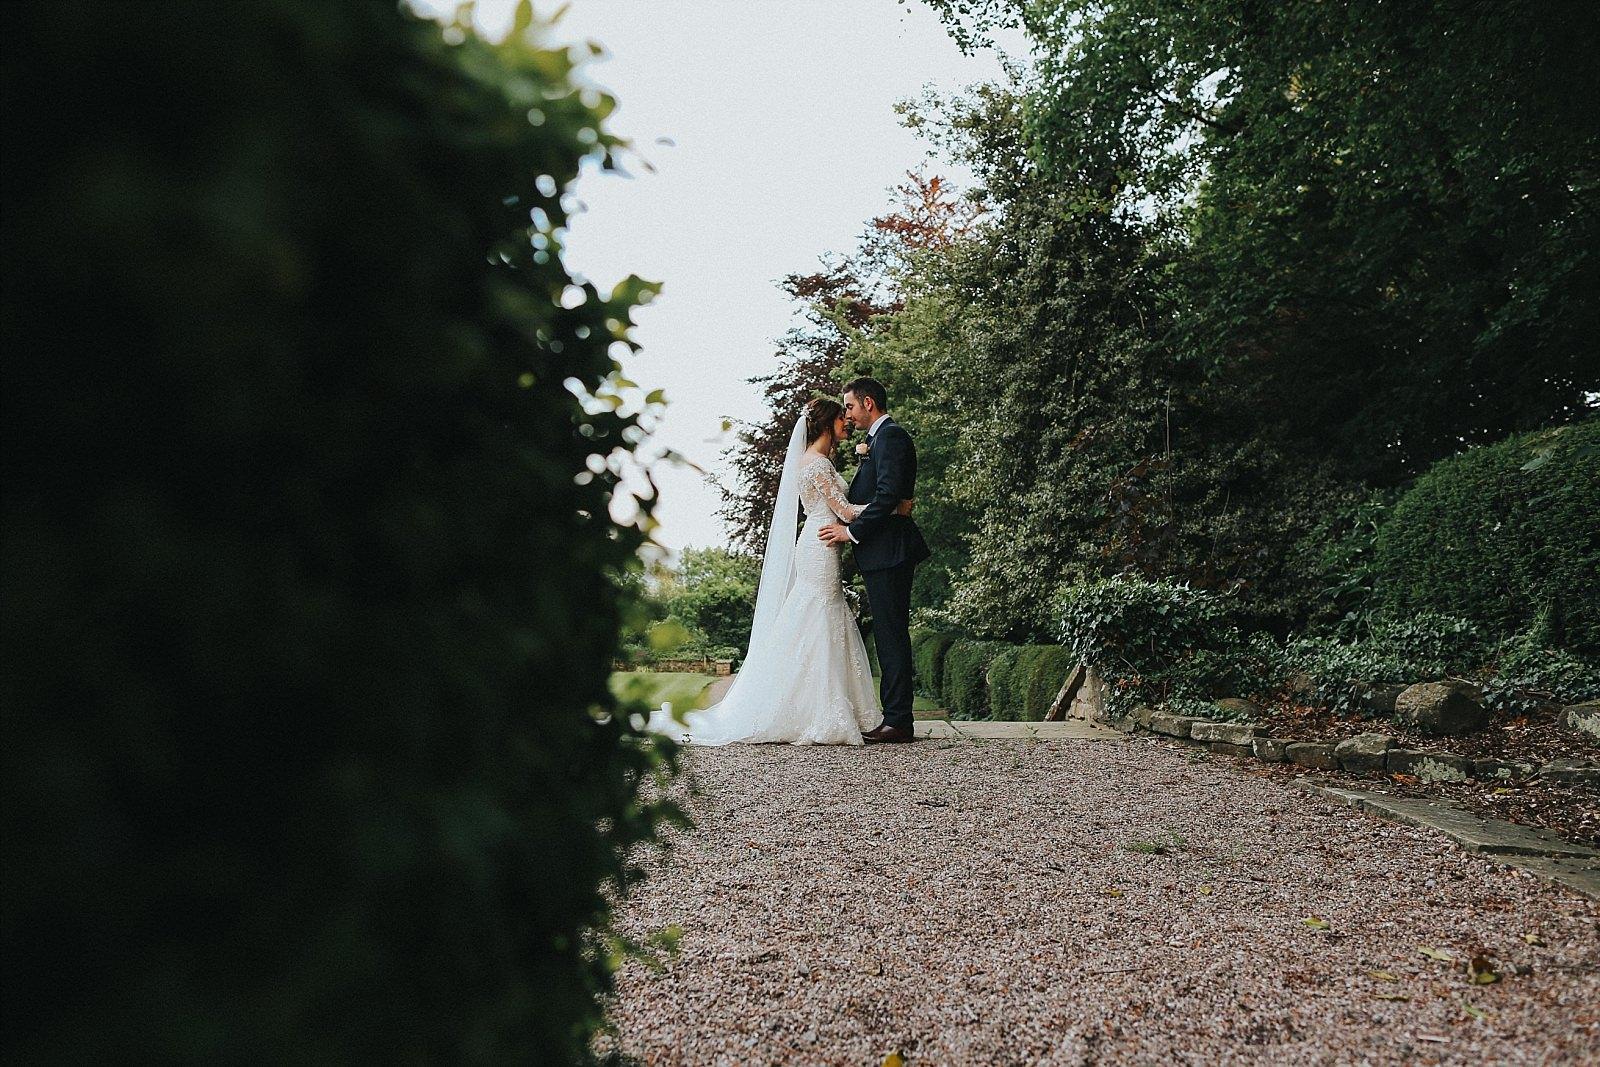 eaves hall wedding photographer uses the stunning grounds